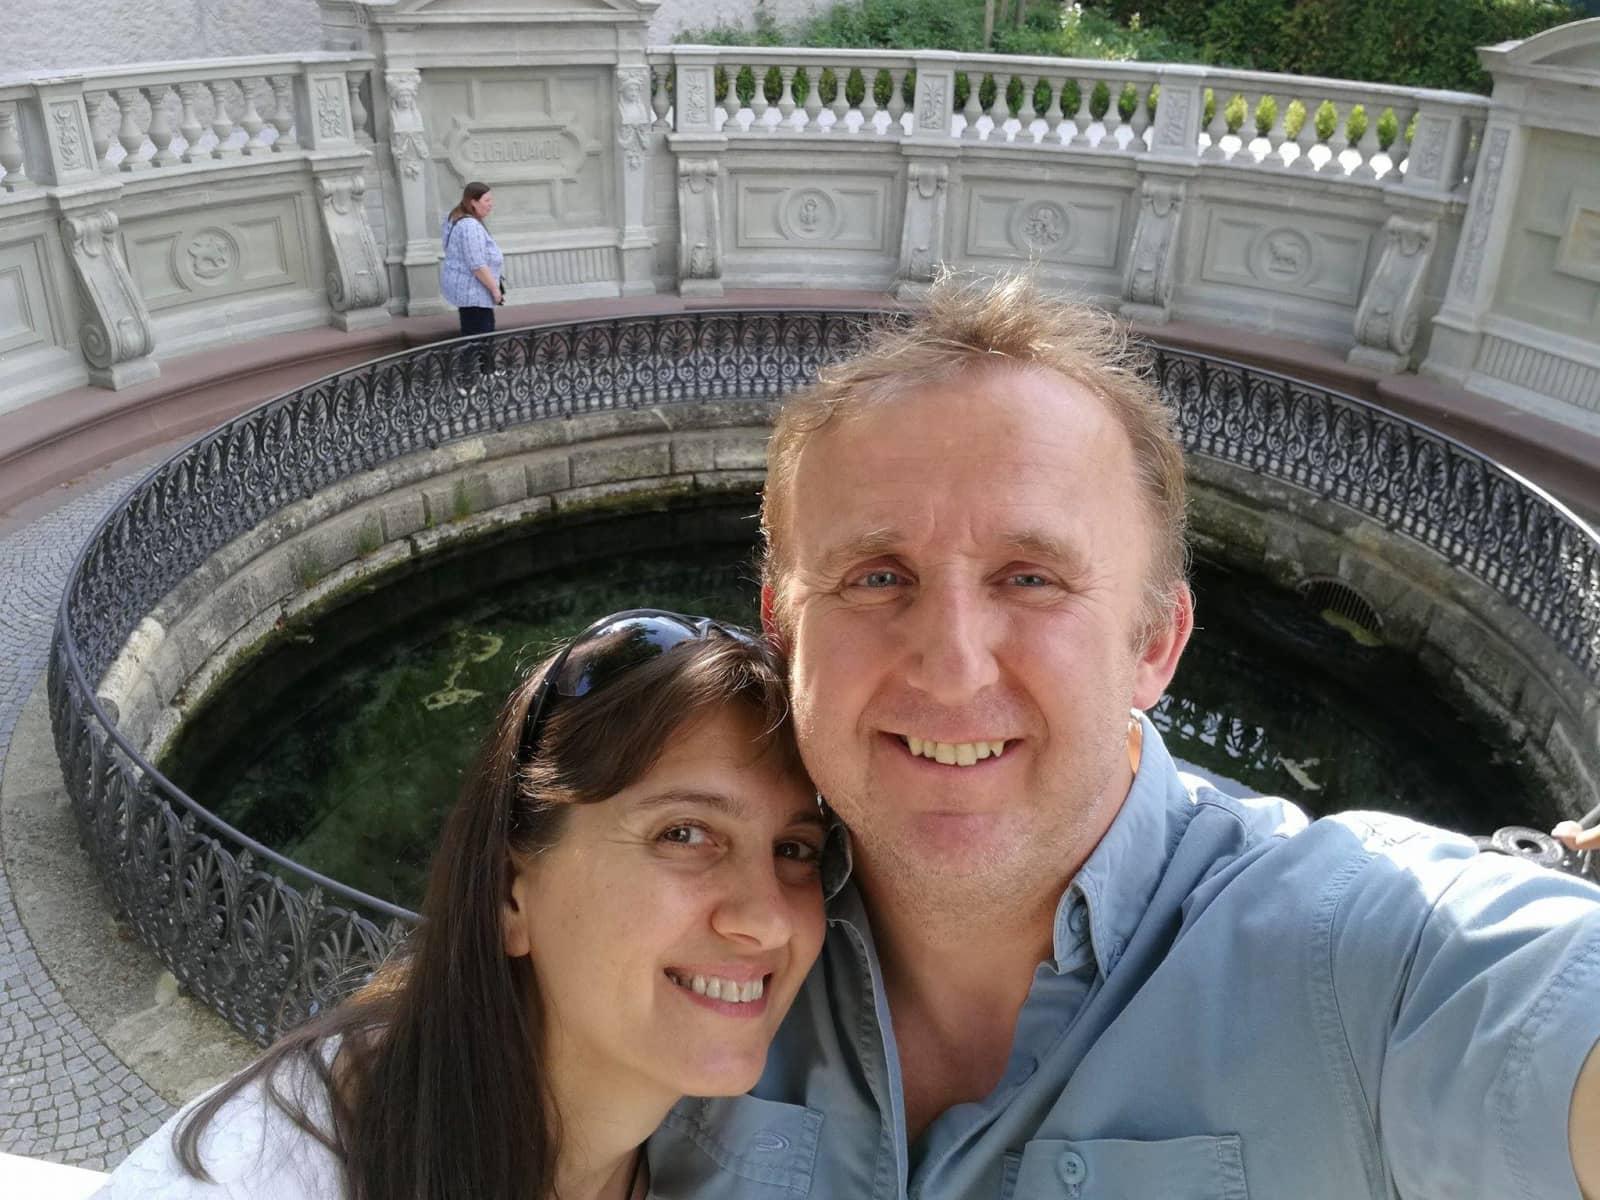 Zoltán & Zsuzsanna from Ehingen, Germany